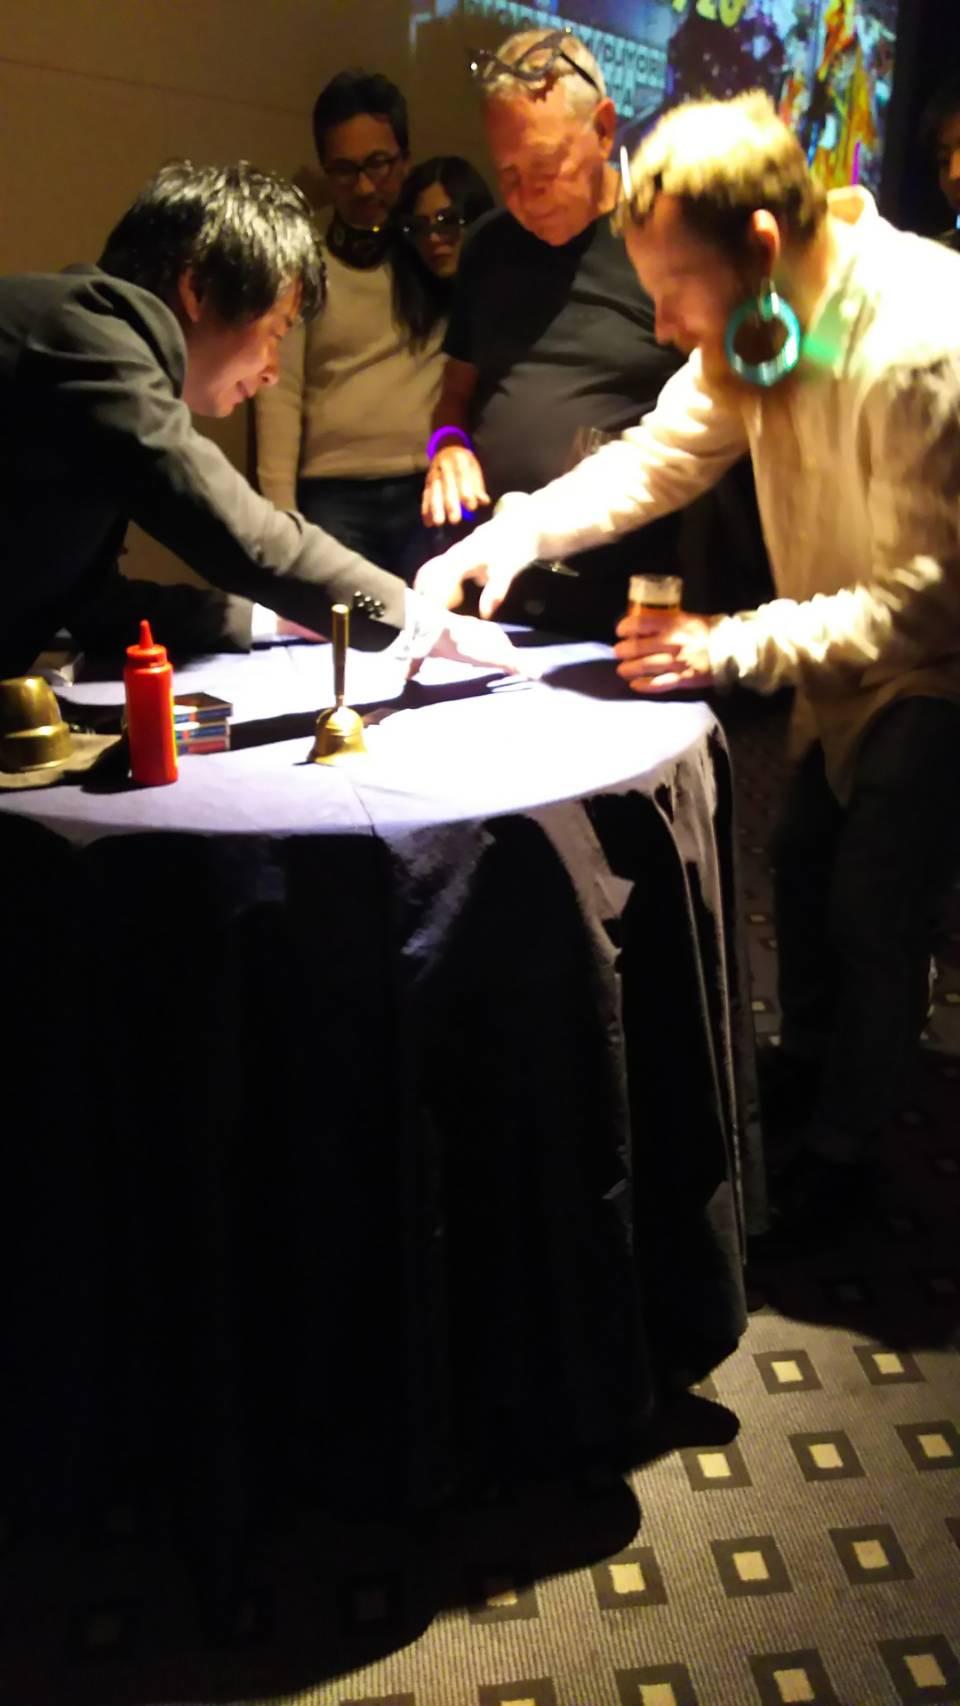 テーブルマジックのイメージ画像